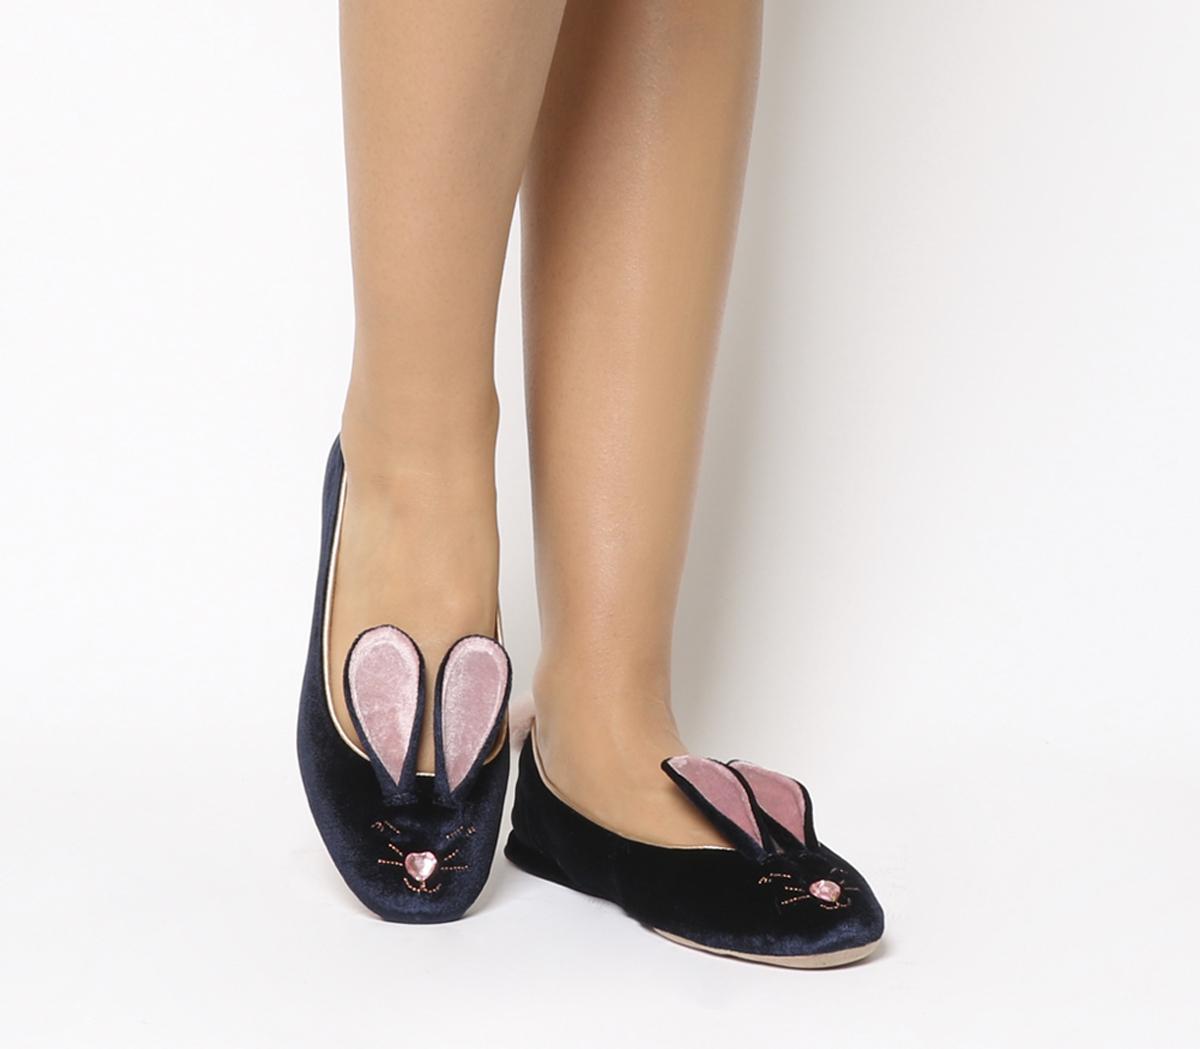 Bhunni Slippers